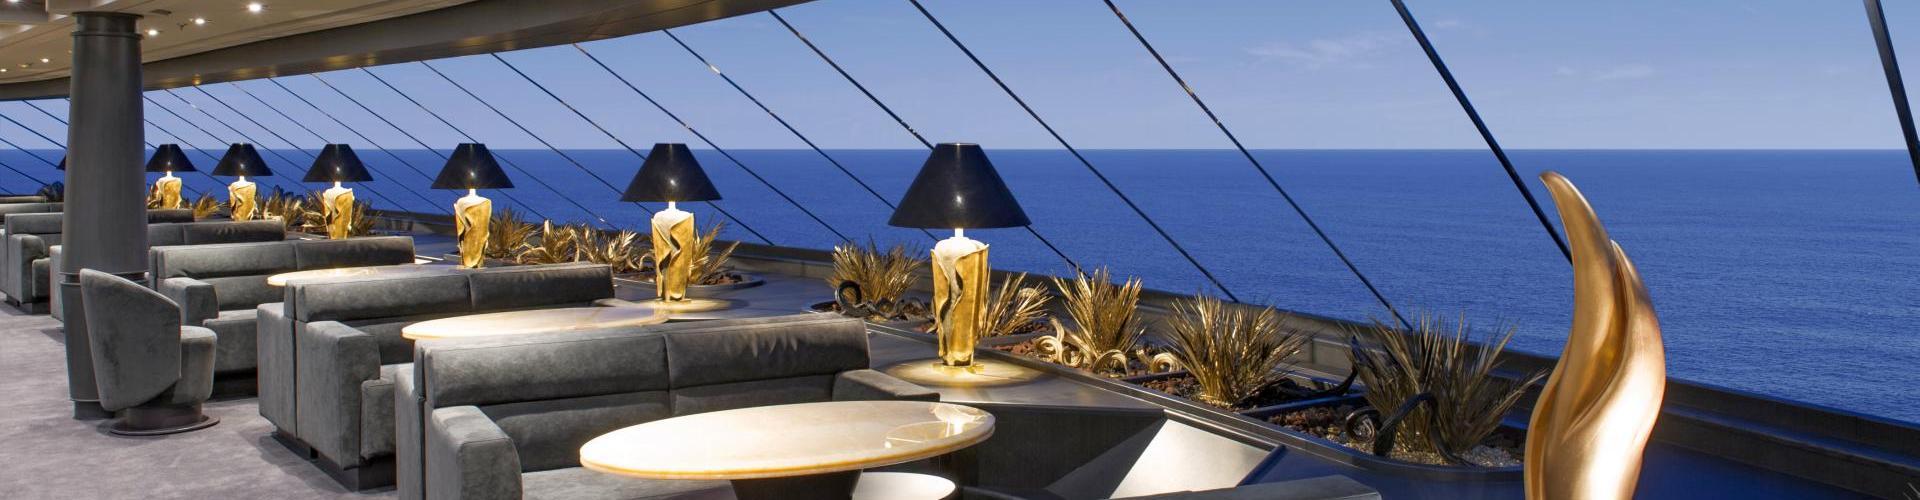 MSC Kreuzfahrten im Mittelmeer mit Yachtclub